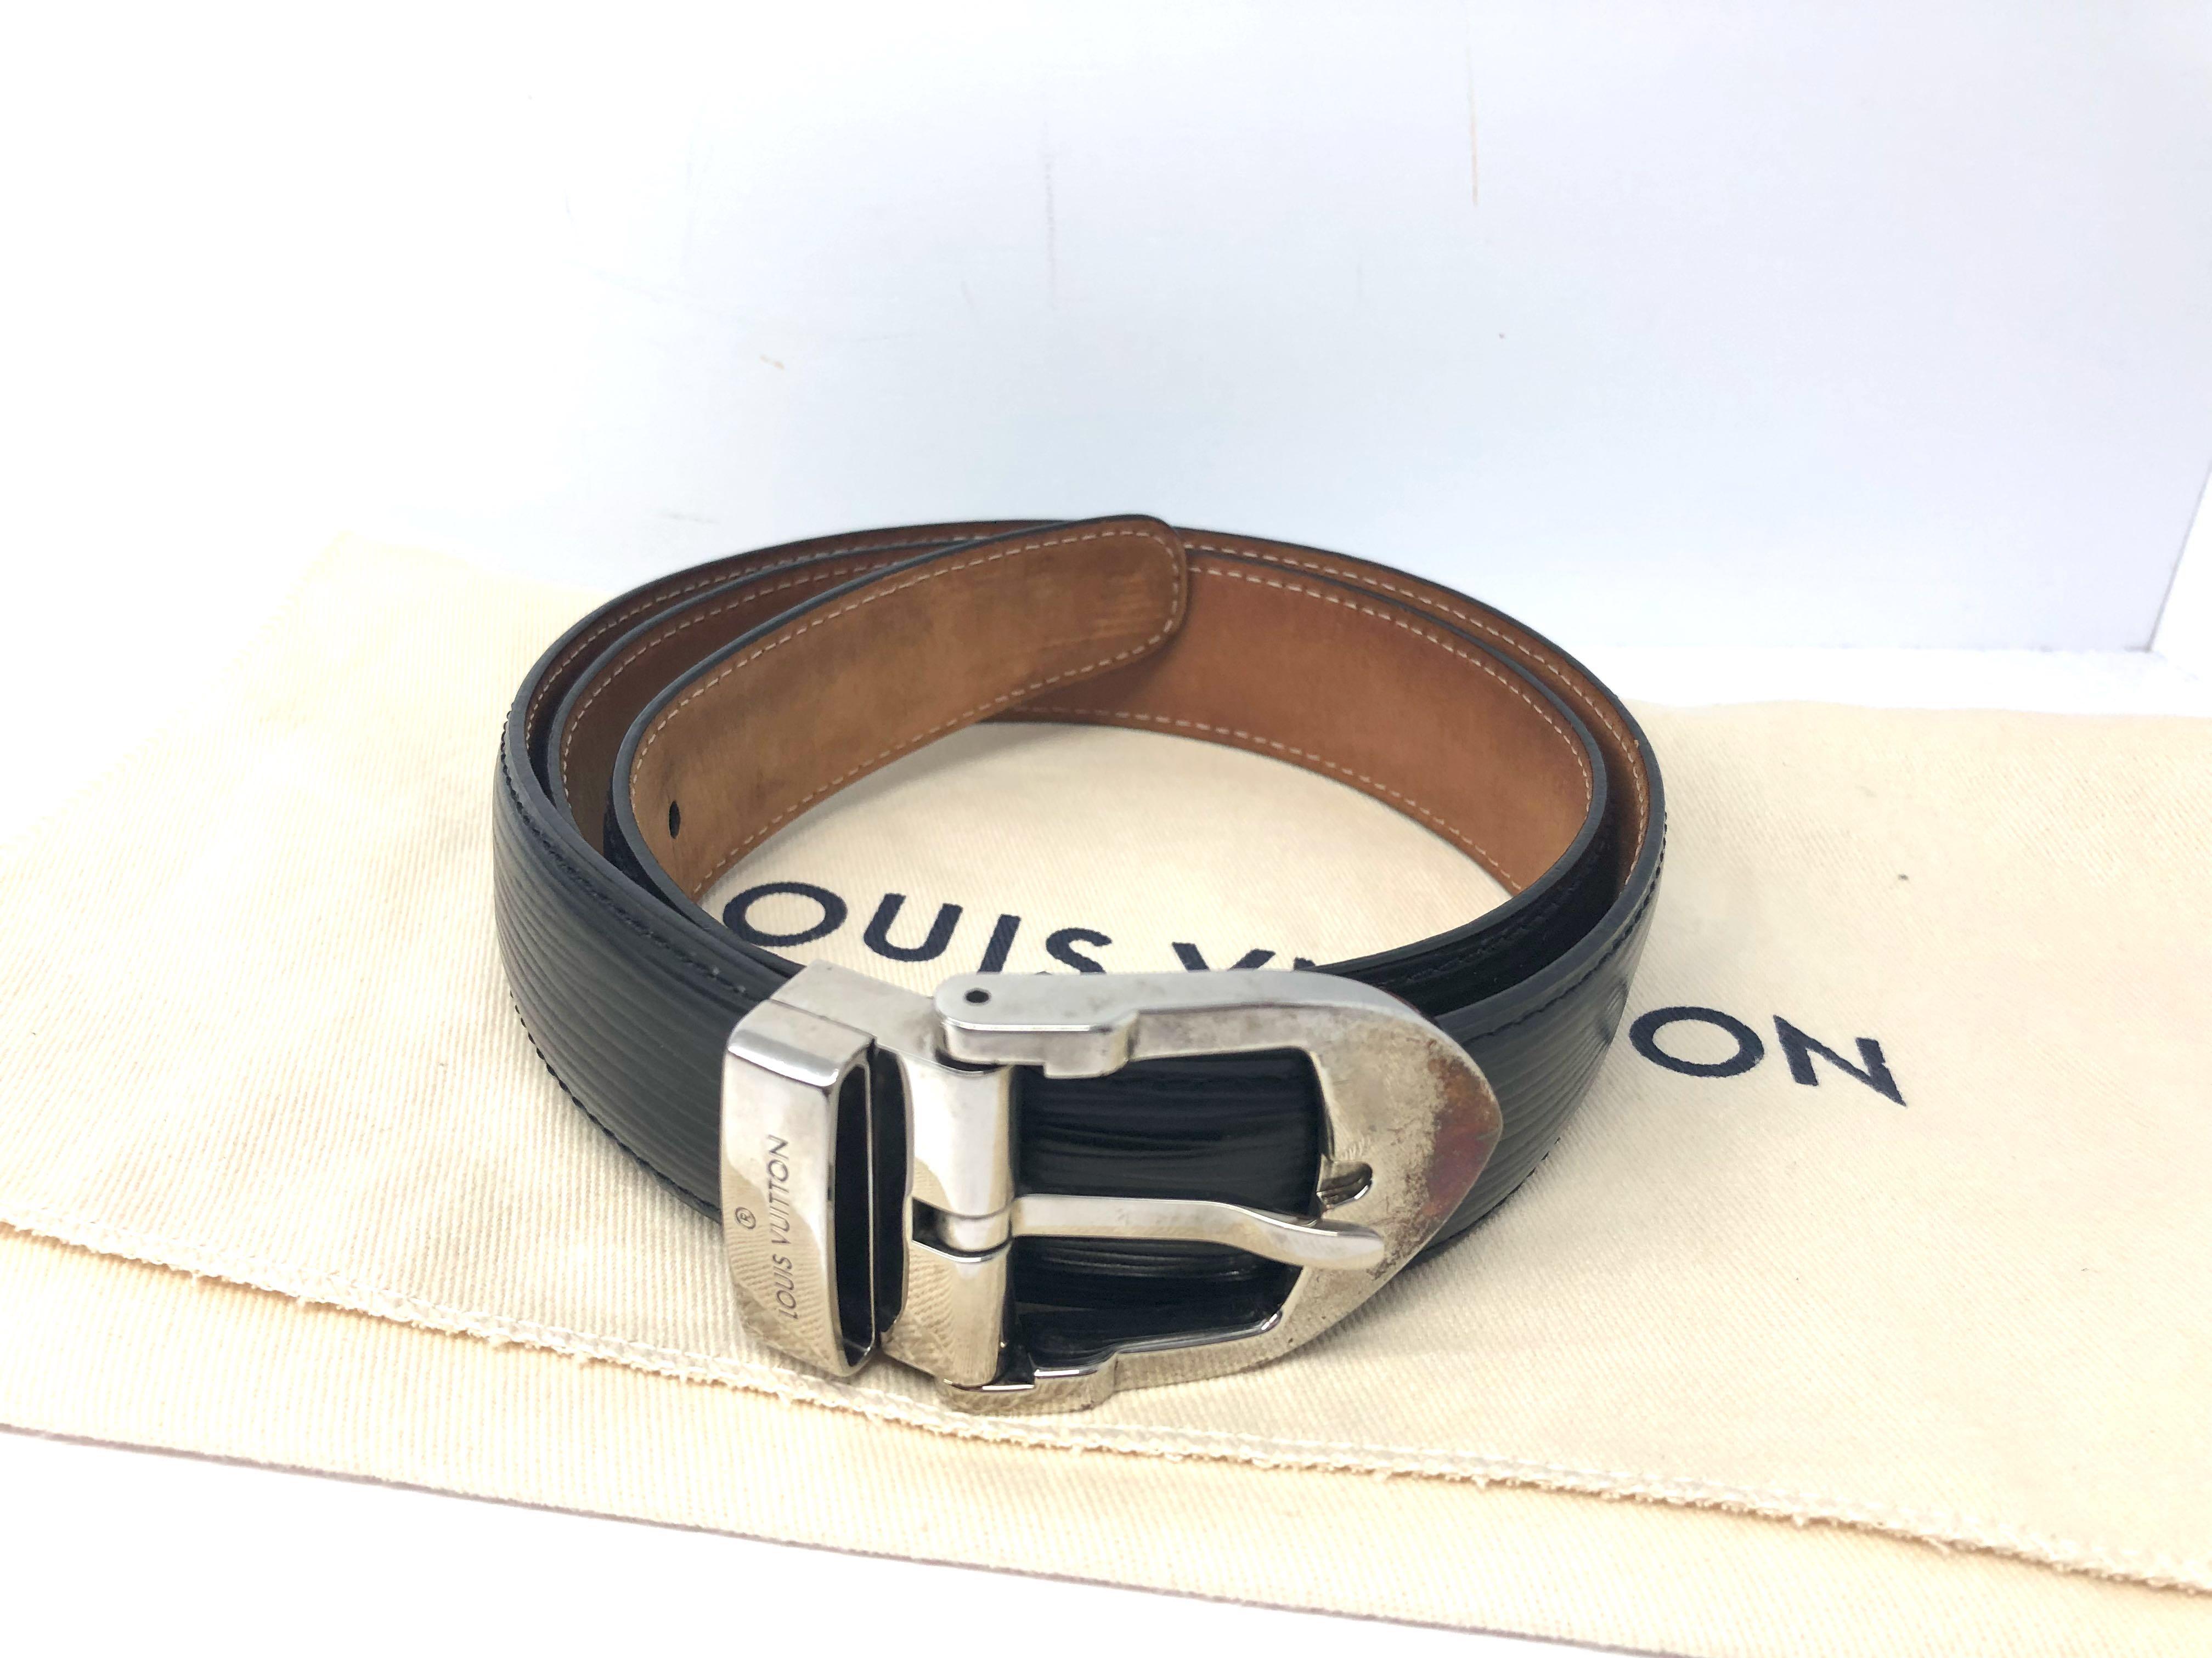 9321281967f1 Louis Vuitton Epi Belt Size 90cm 187003856